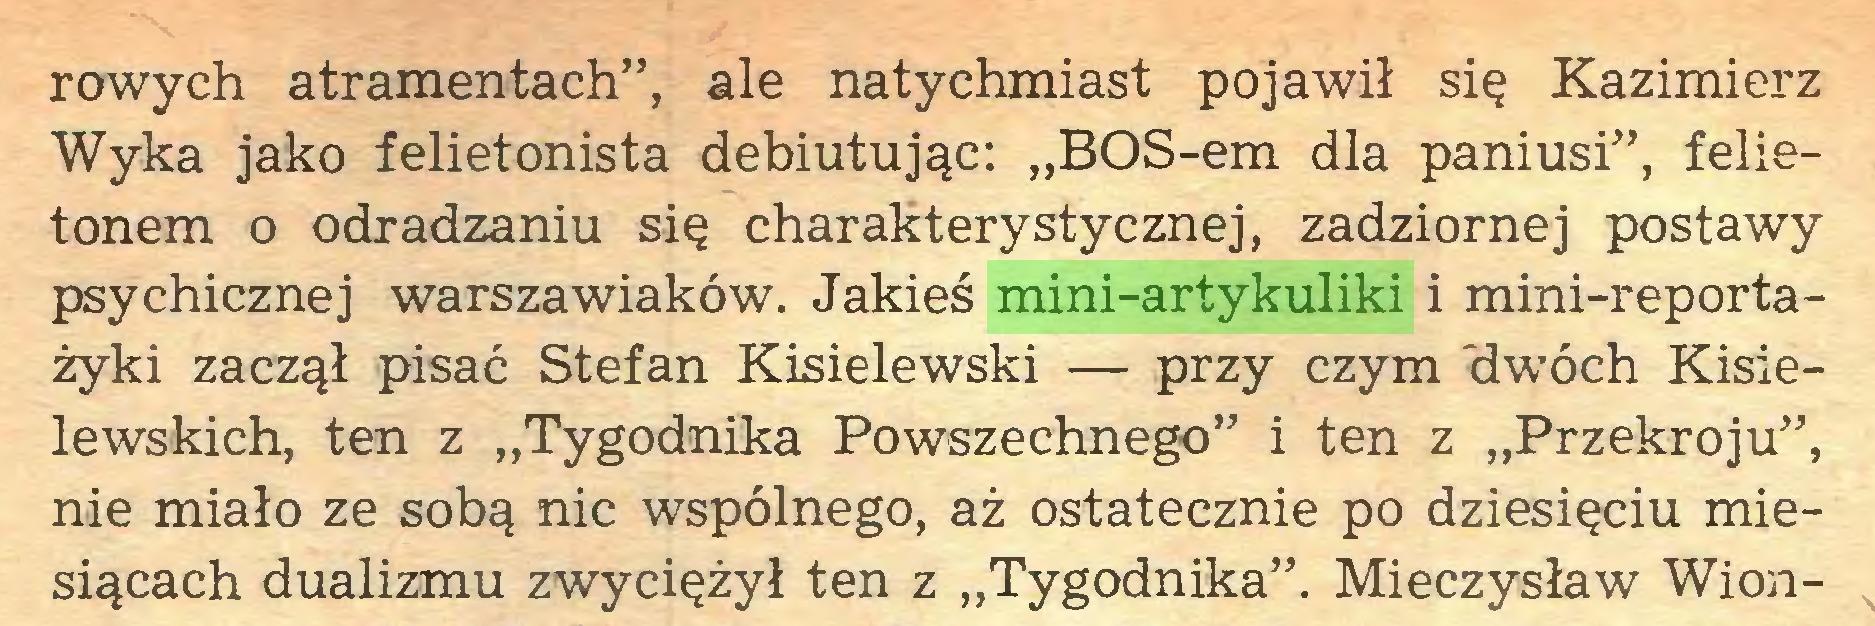 """(...) rowych atramentach"""", ale natychmiast pojawił się Kazimierz Wyka jako felietonista debiutując: """"BOS-em dla paniusi"""", felietonem o odradzaniu się charakterystycznej, zadziornej postawy psychicznej warszawiaków. Jakieś mini-artykuliki i mini-reportażyki zaczął pisać Stefan Kisielewski — przy czym 'dwóch Kisielewskich, ten z """"Tygodnika Powszechnego"""" i ten z """"Przekroju"""", nie miało ze sobą nic wspólnego, aż ostatecznie po dziesięciu miesiącach dualizmu zwyciężył ten z """"Tygodnika"""". Mieczysław Wion..."""